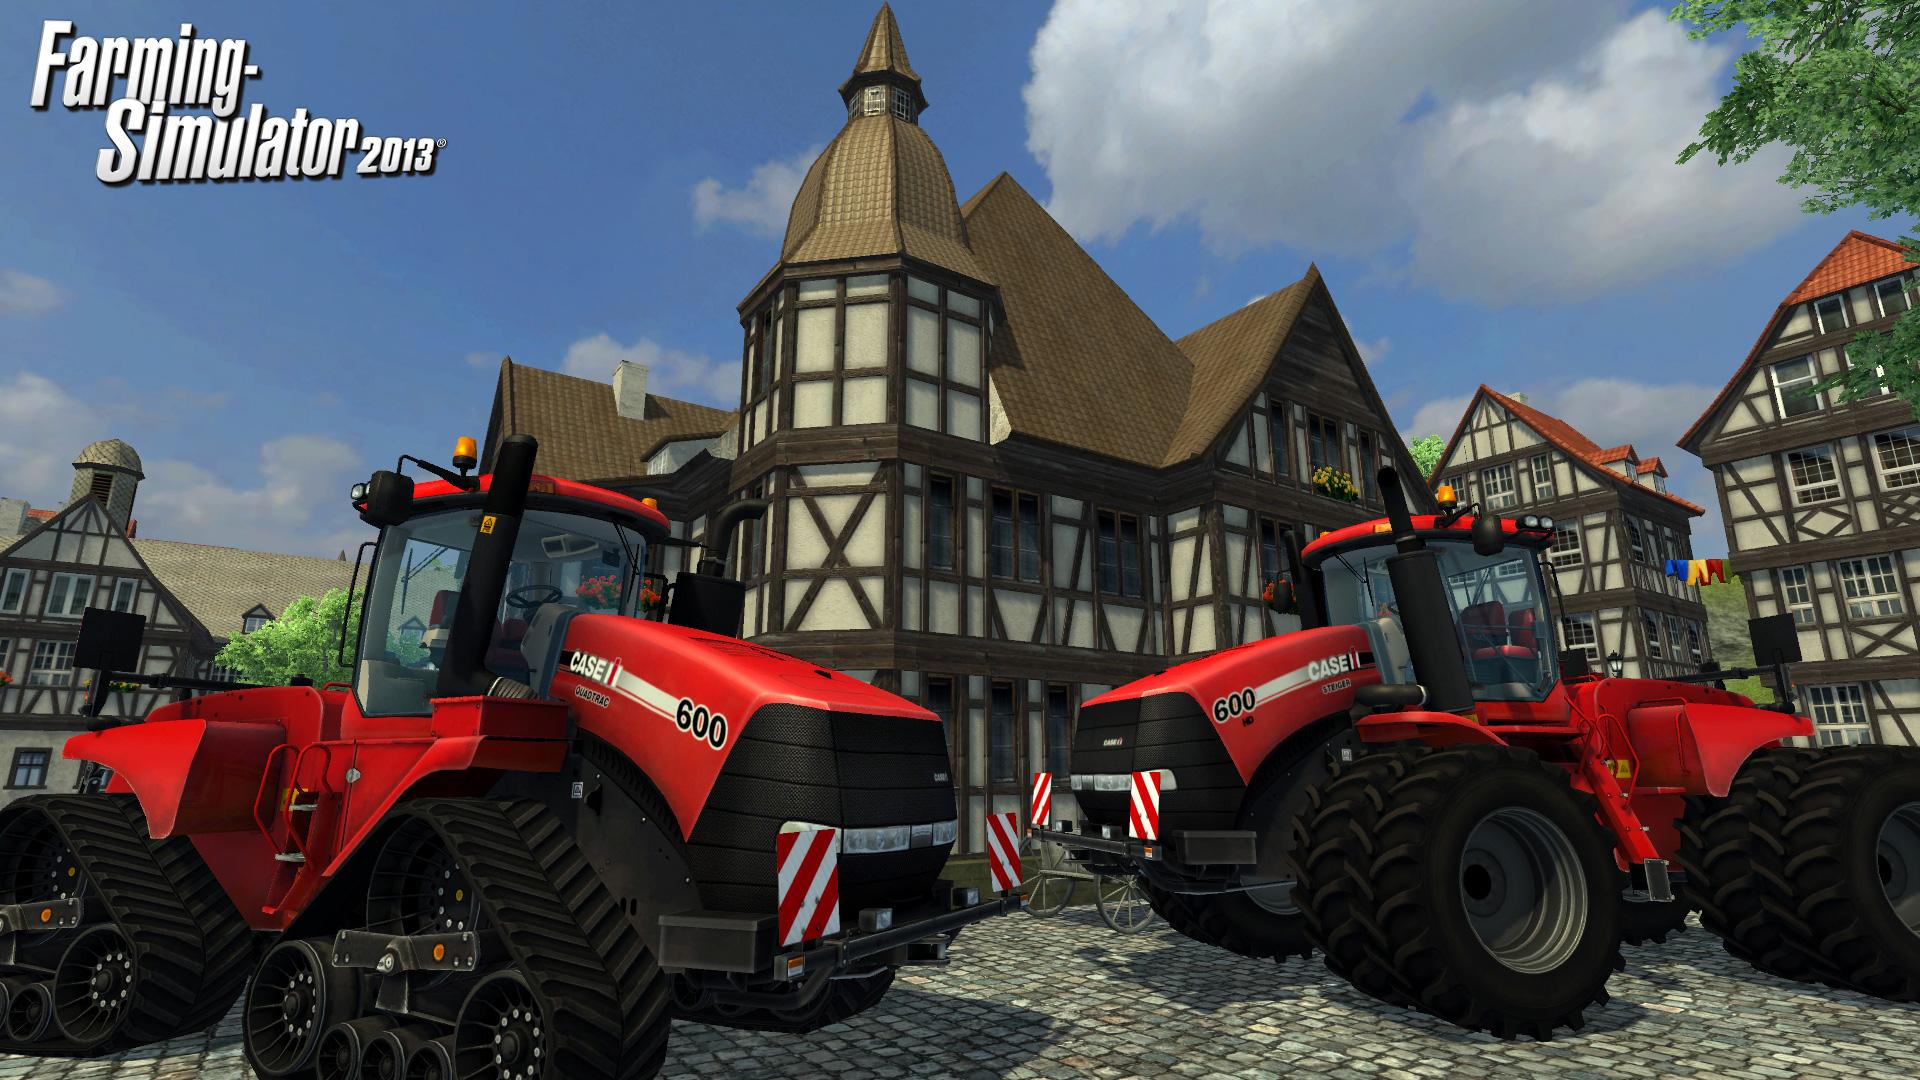 farming simulator 2015 free download full game